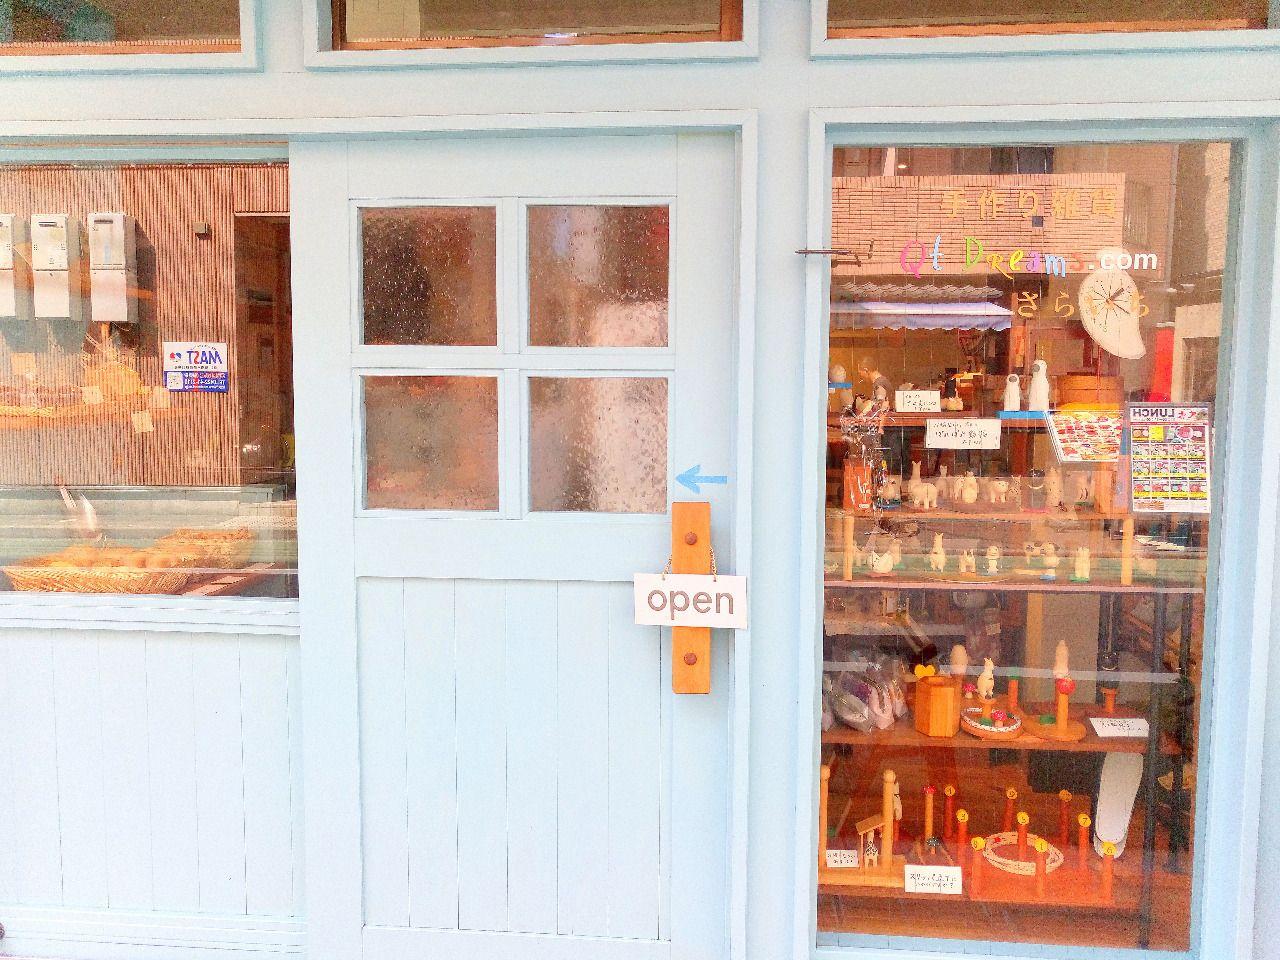 手作り雑貨、パンなどの販売もあるカフェ